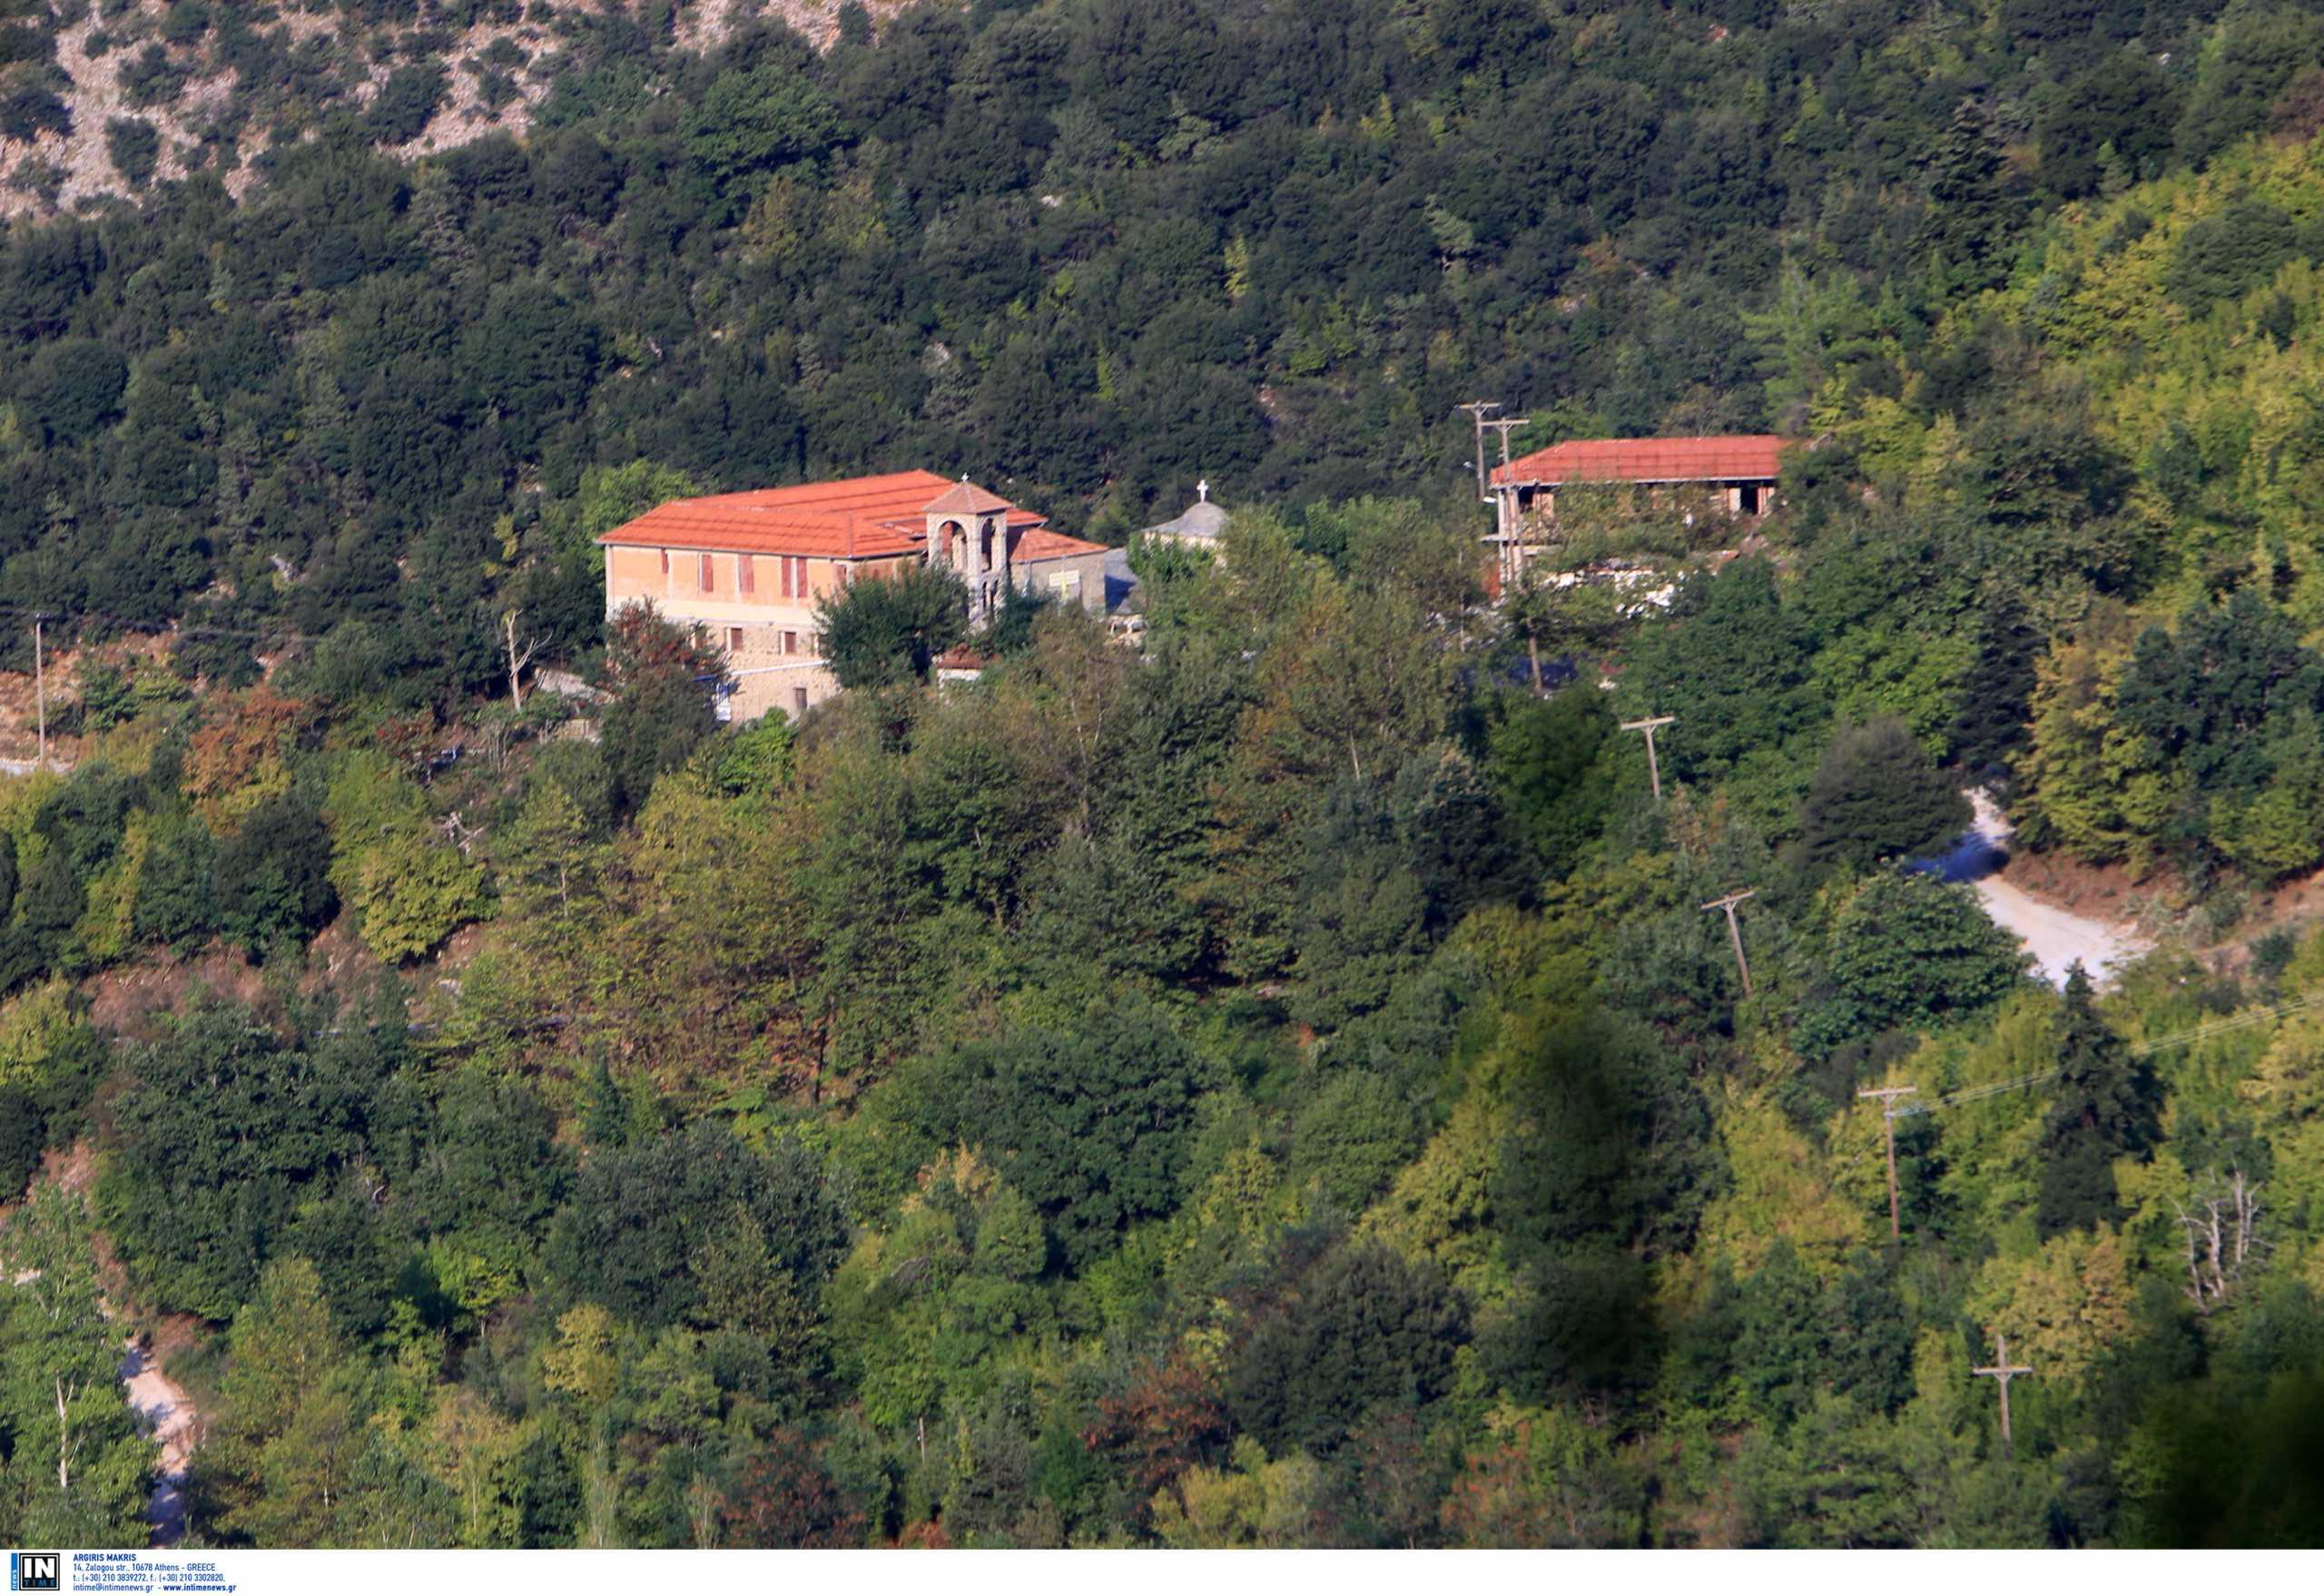 Παναγία η Πελεκητή: Το μοναστήρι που ξεχωρίζει στο «θρόνο» των Αγράφων